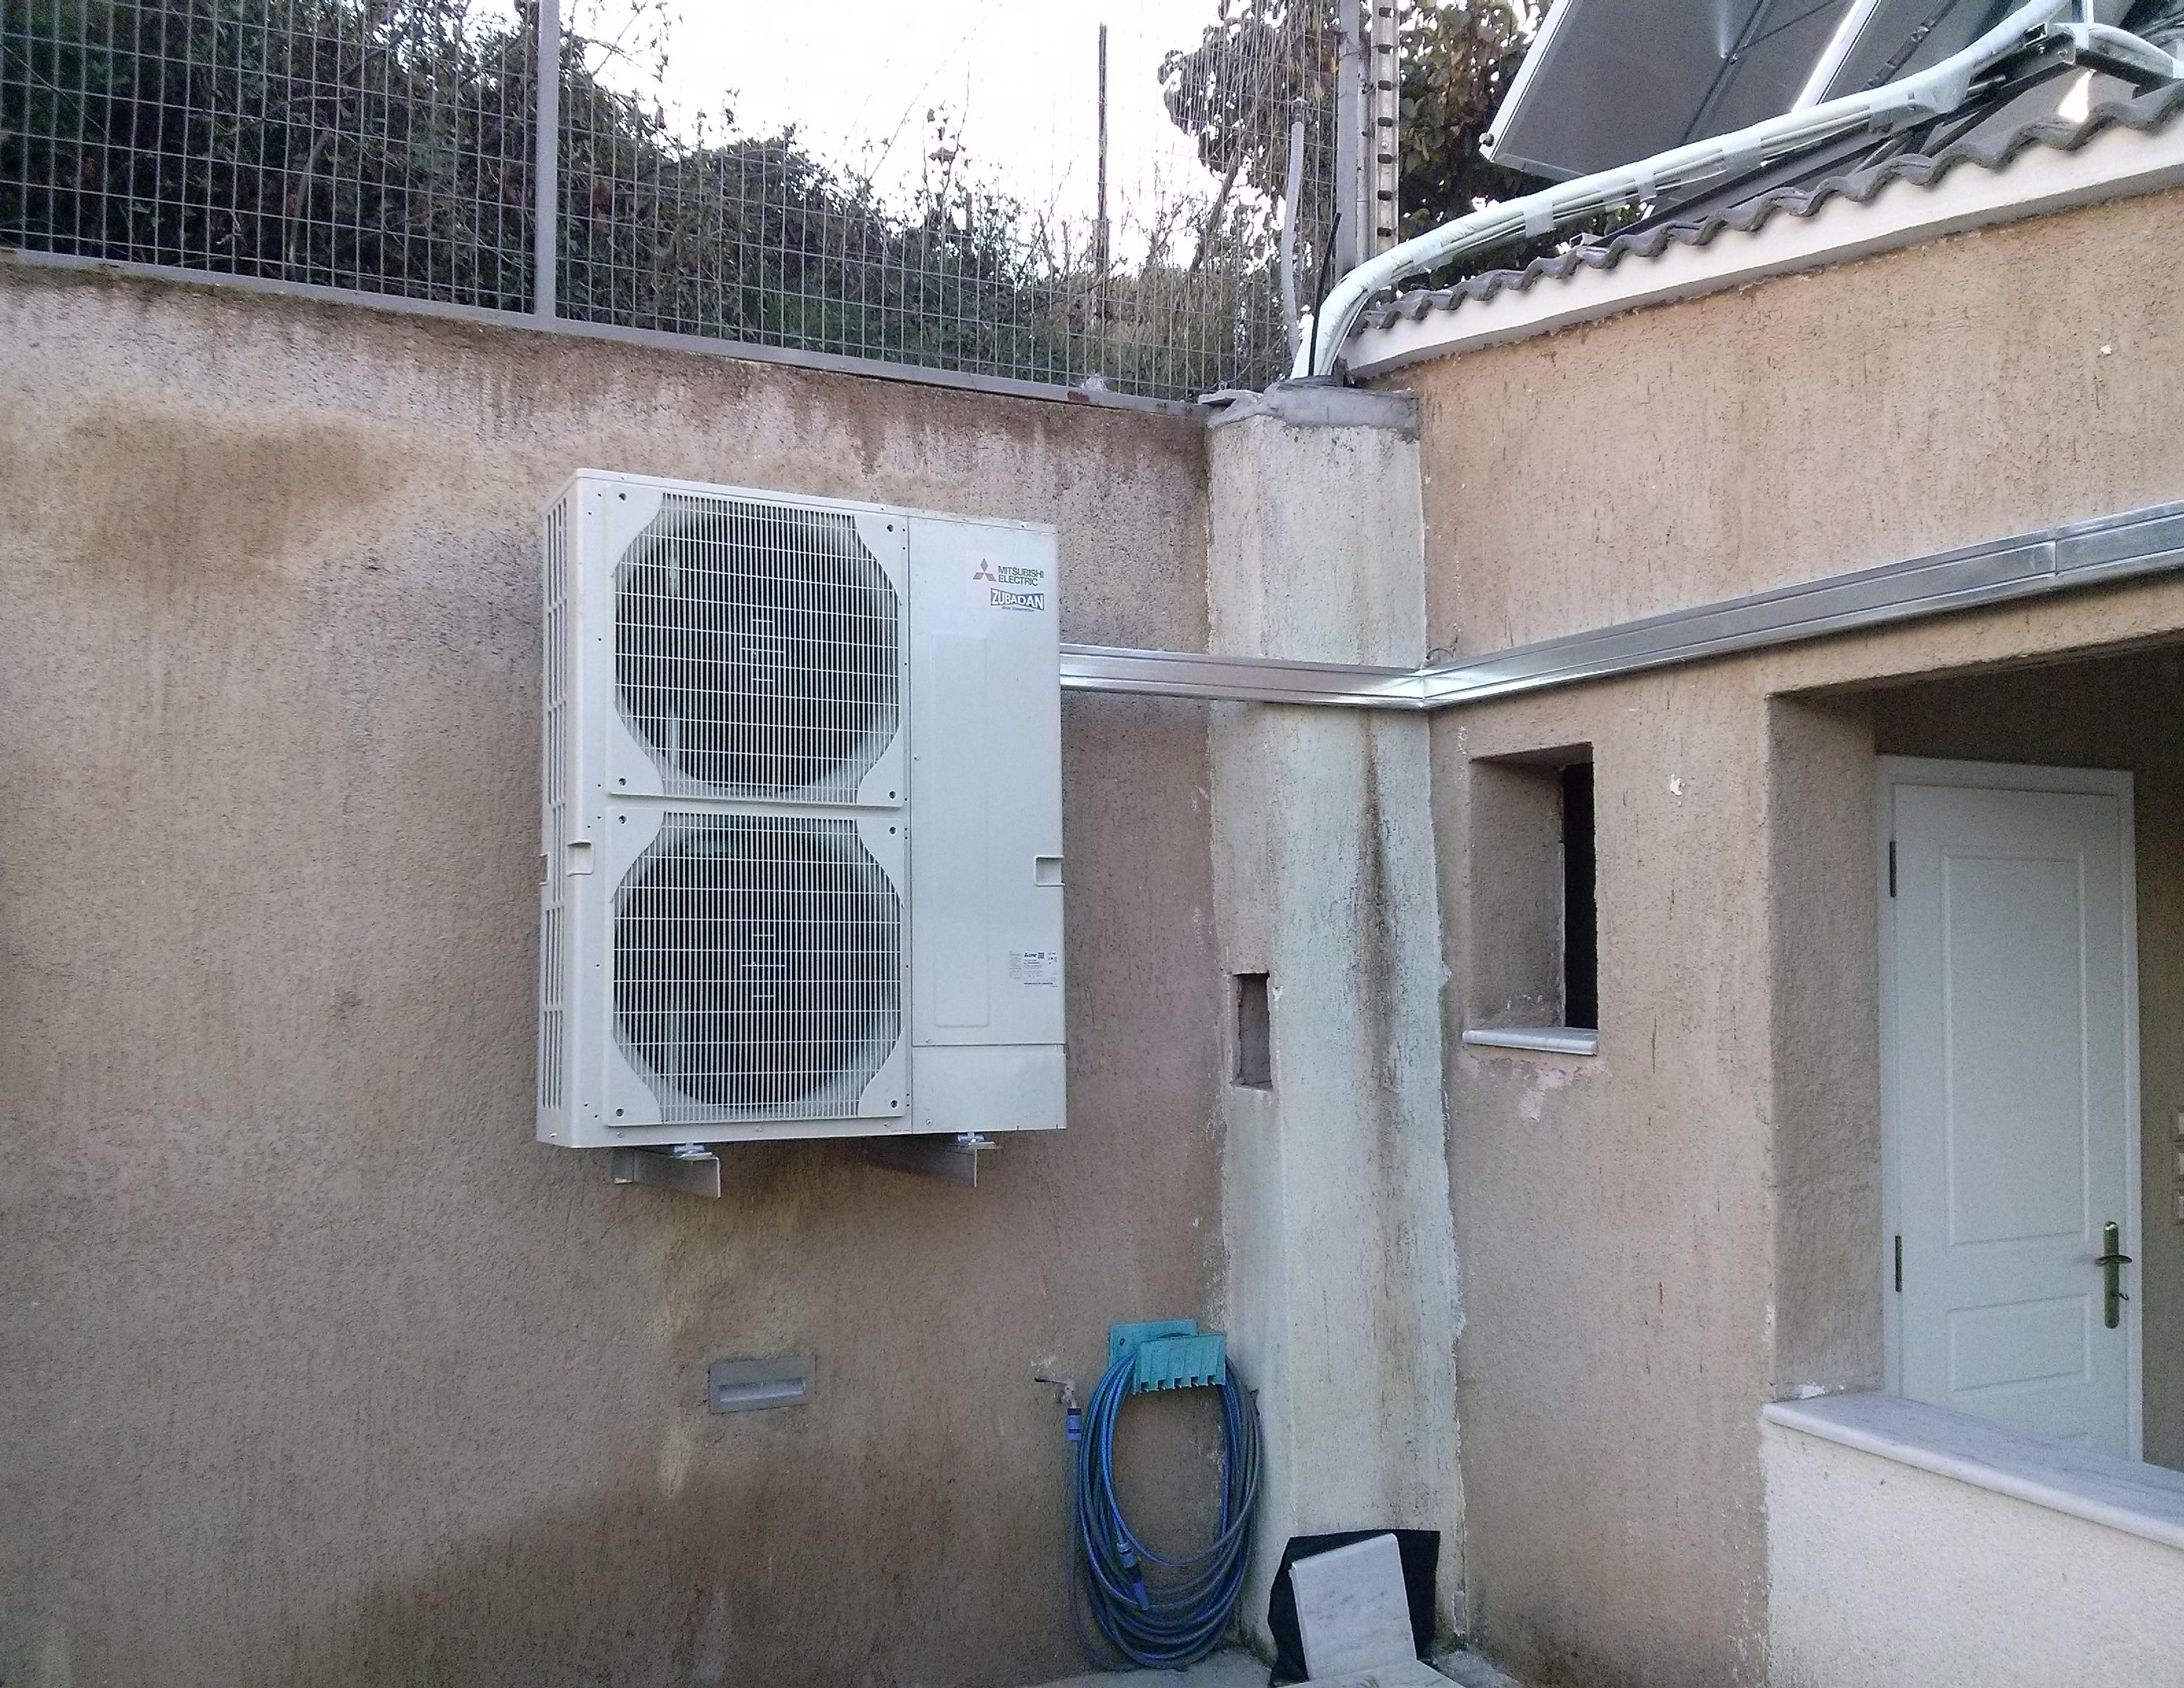 Αντλία Θερμότητος 23 kW MITSUBISHI ELECTRIC ZUBADAN (Εξωτερική μονάδα) σε κατοικία στο Μαρκόπουλο Ωρωπού